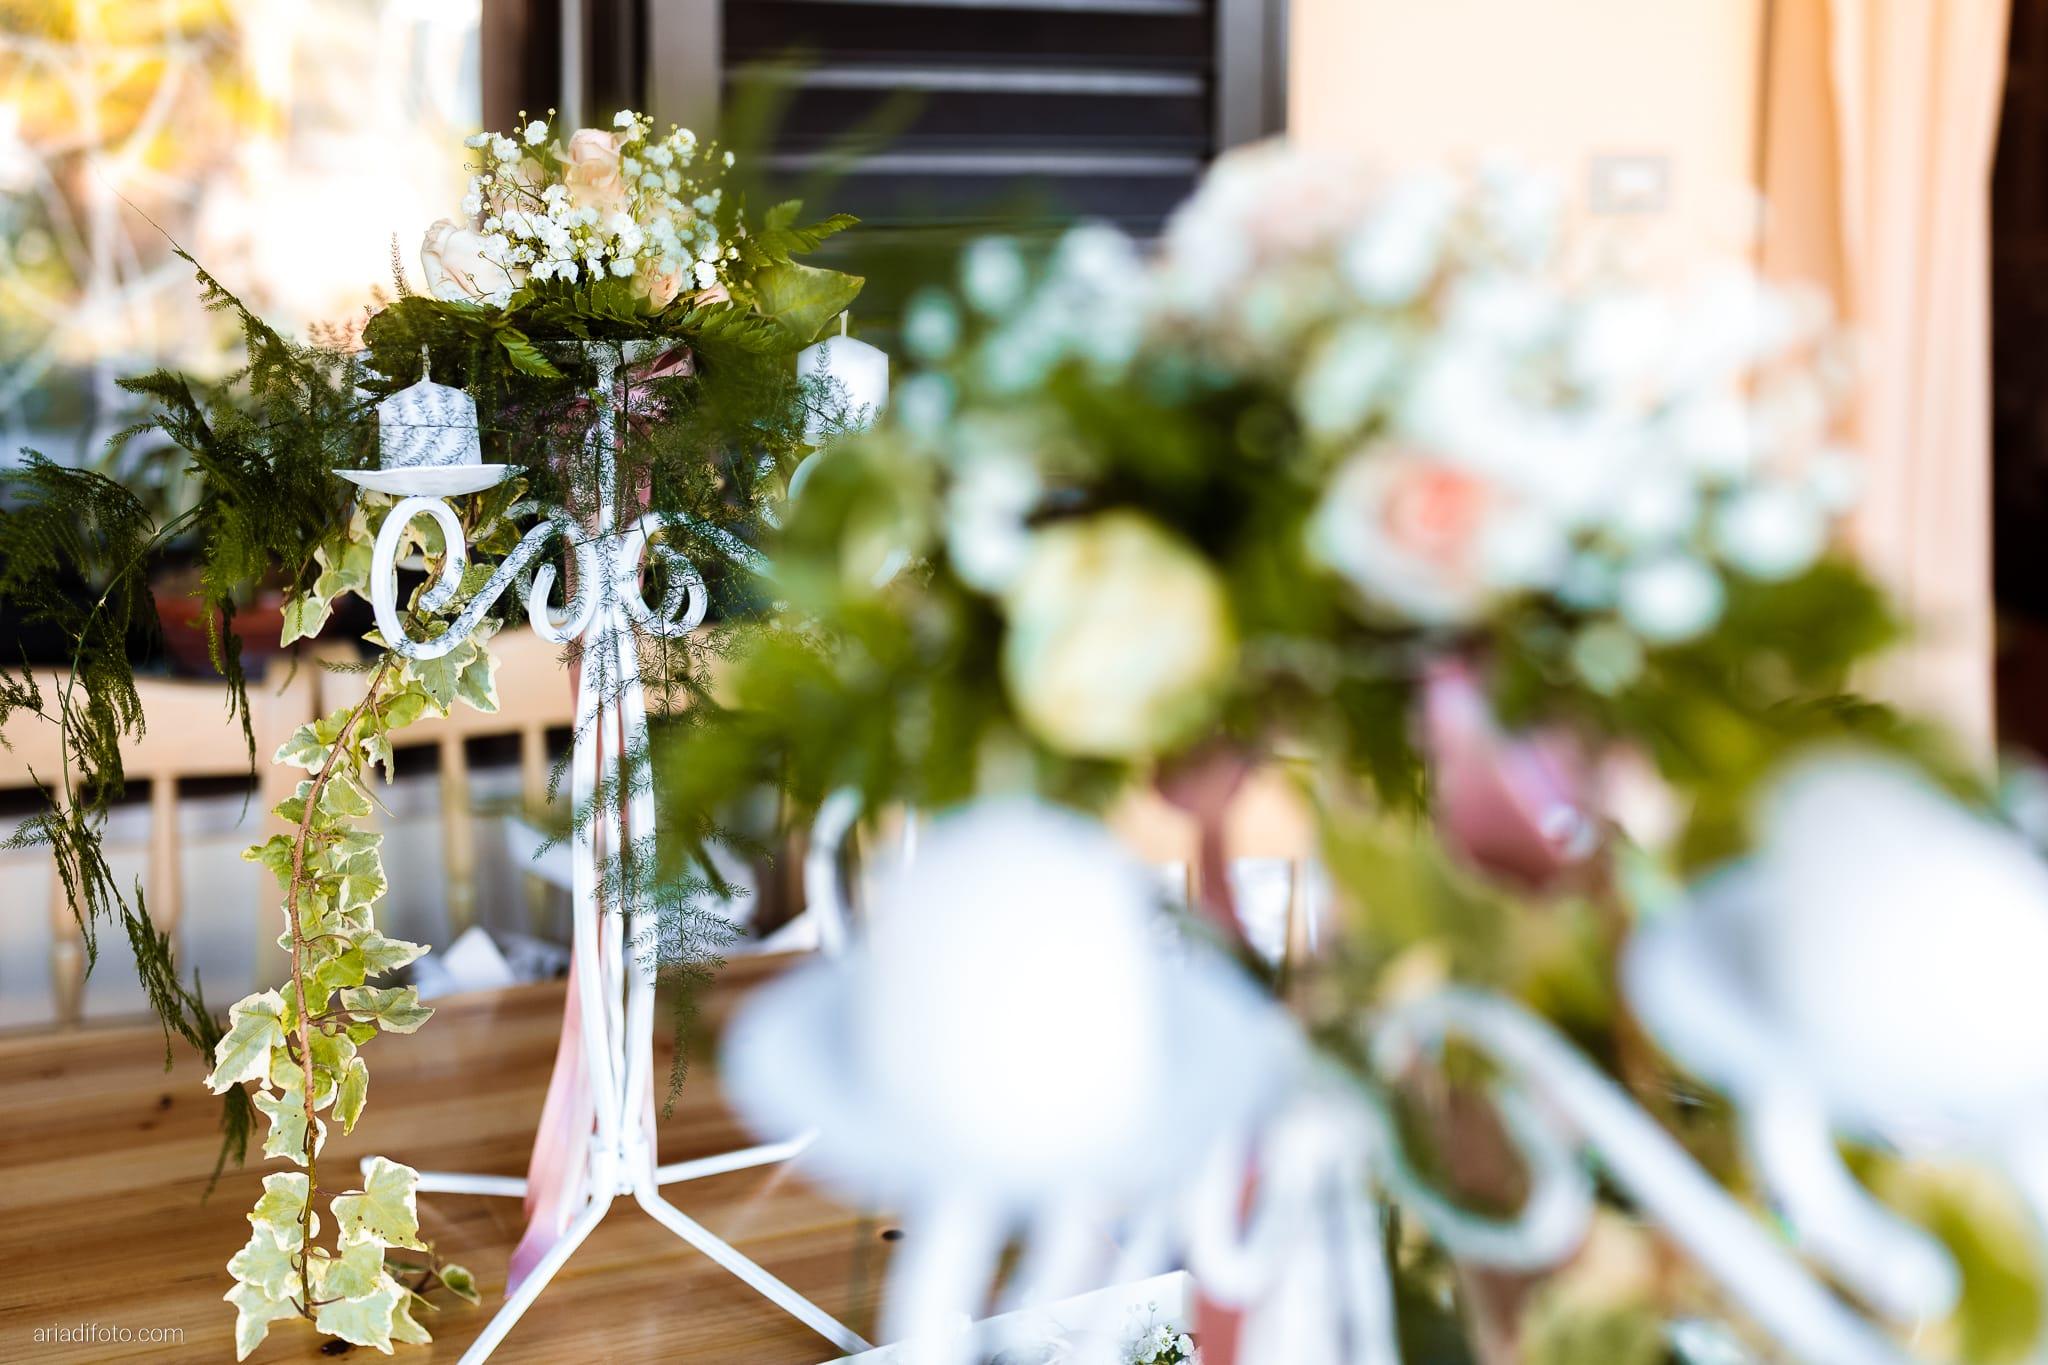 Alice Paolo Matrimonio San Giorgio Villa Iachia Ruda Udine preparativi sposa dettagli fiori bouquet